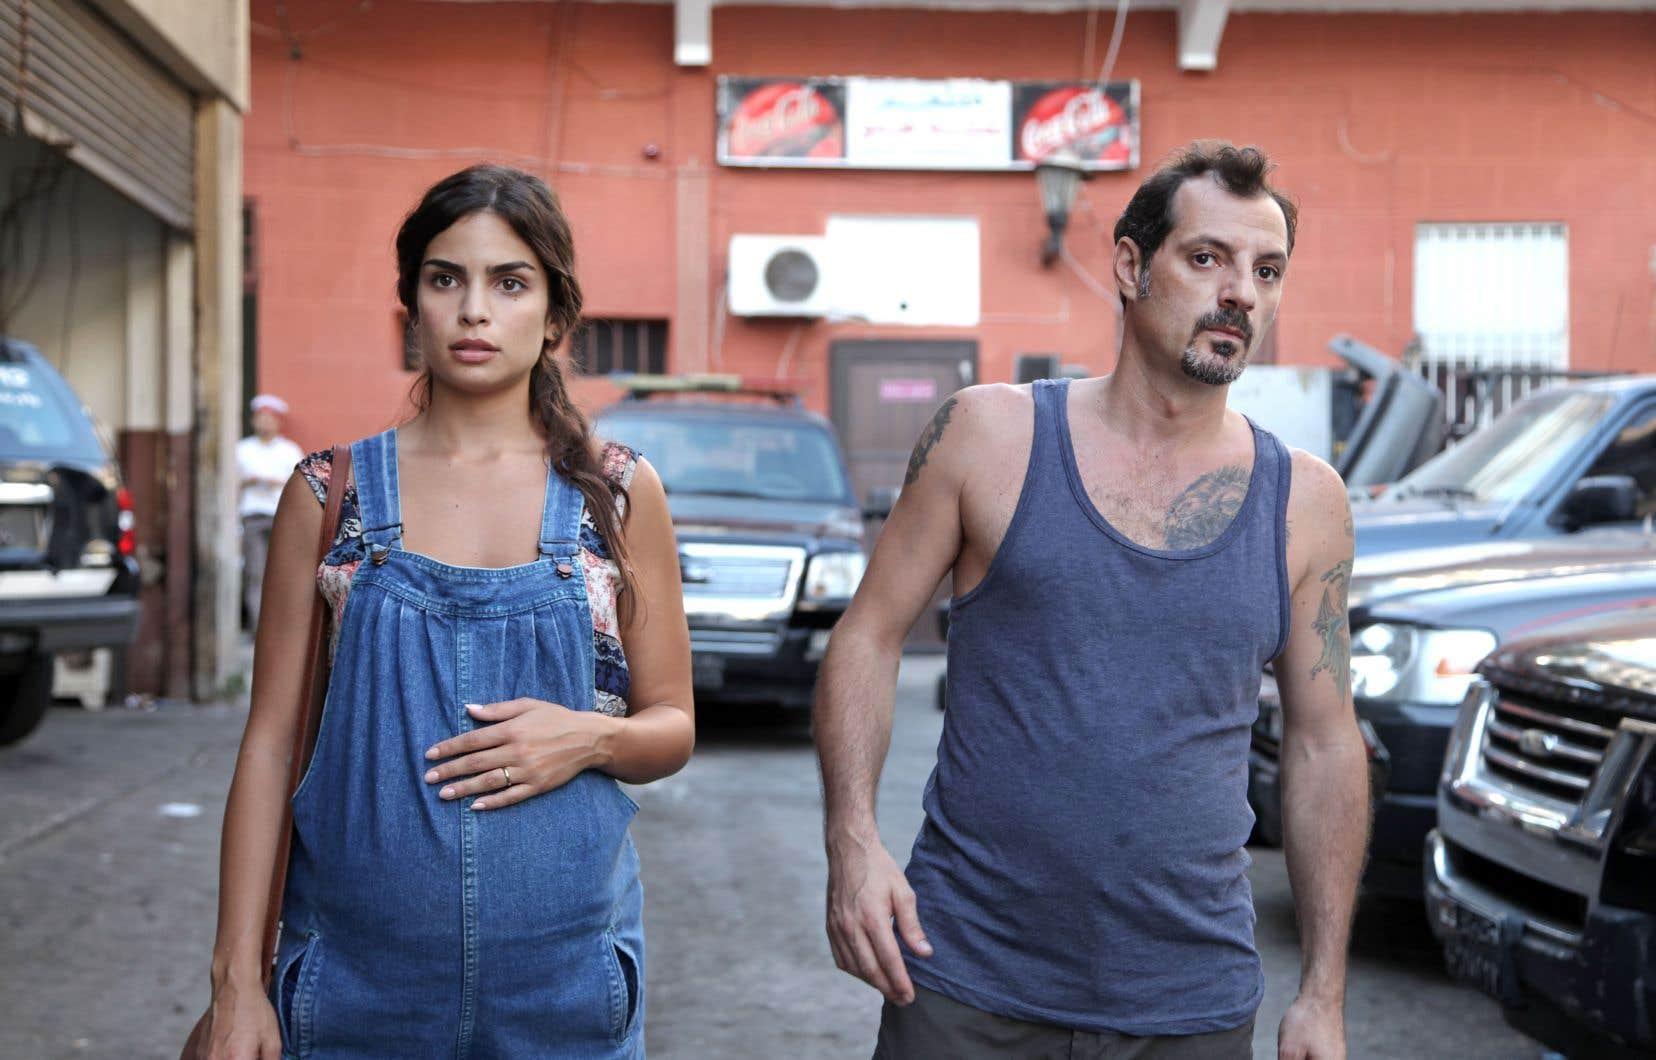 À partir d'une simple dispute prenant des proportions hors normes, le cinéaste Ziad Doueiri livre un portrait dénué de parti pris d'un pays marqué à jamais par la guerre et les conflits sans issue.